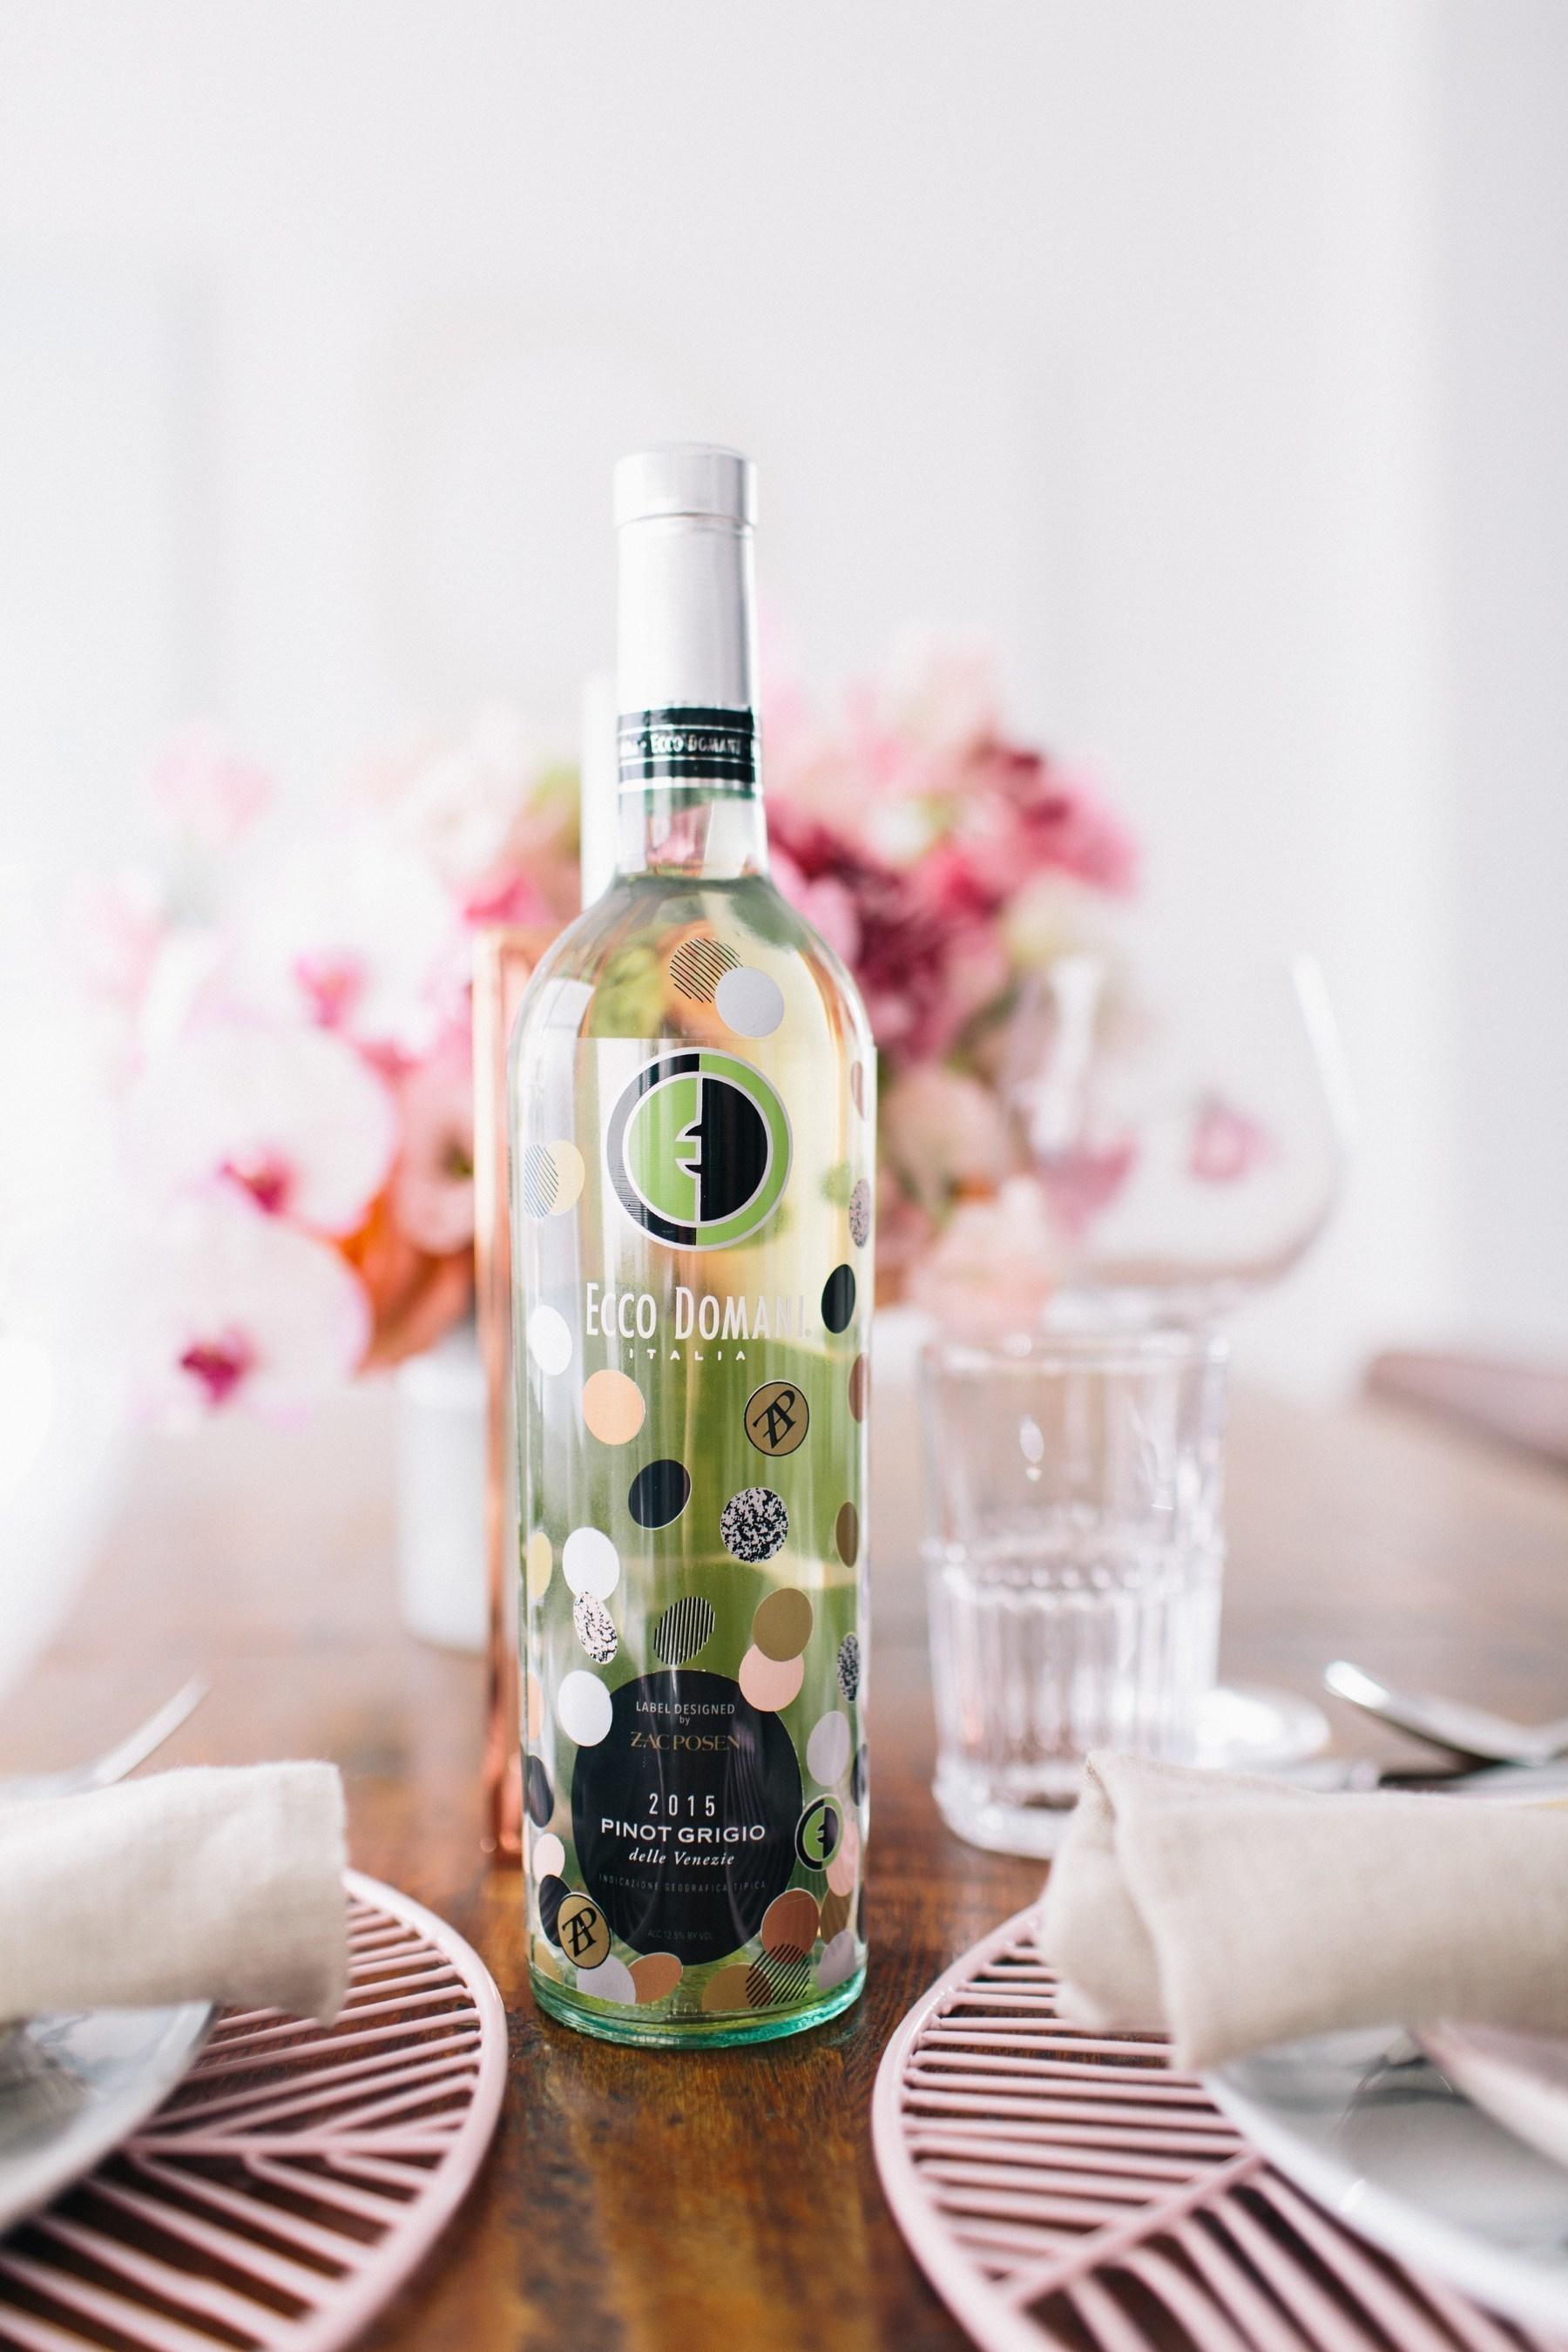 2016 Limited Edition Ecco Domani Pinot Grigio Bottle Designed by Zac Posen